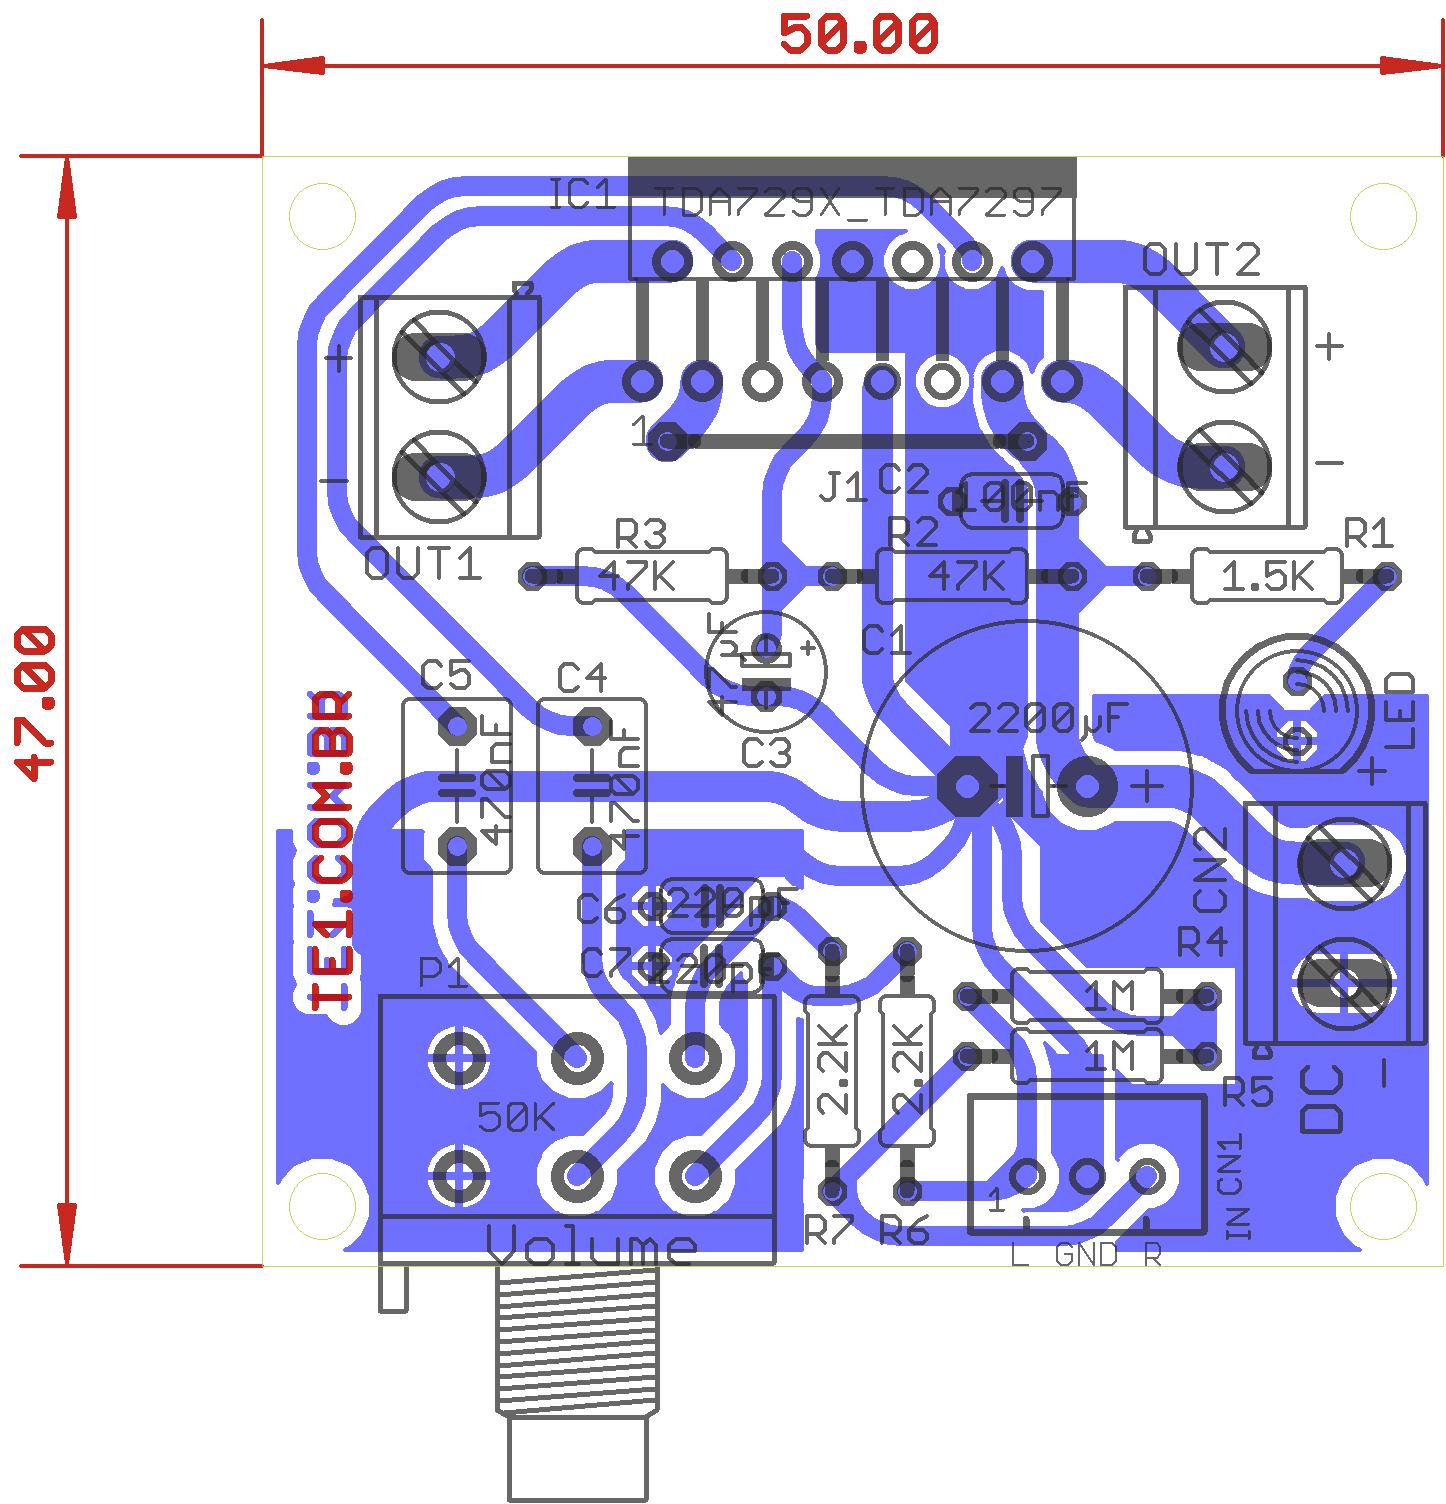 amplificador ci tda7297 estereo raio x Amplificador potência estéreo com TDA7297   2 X 15 Watts tda estéreo Circuitos